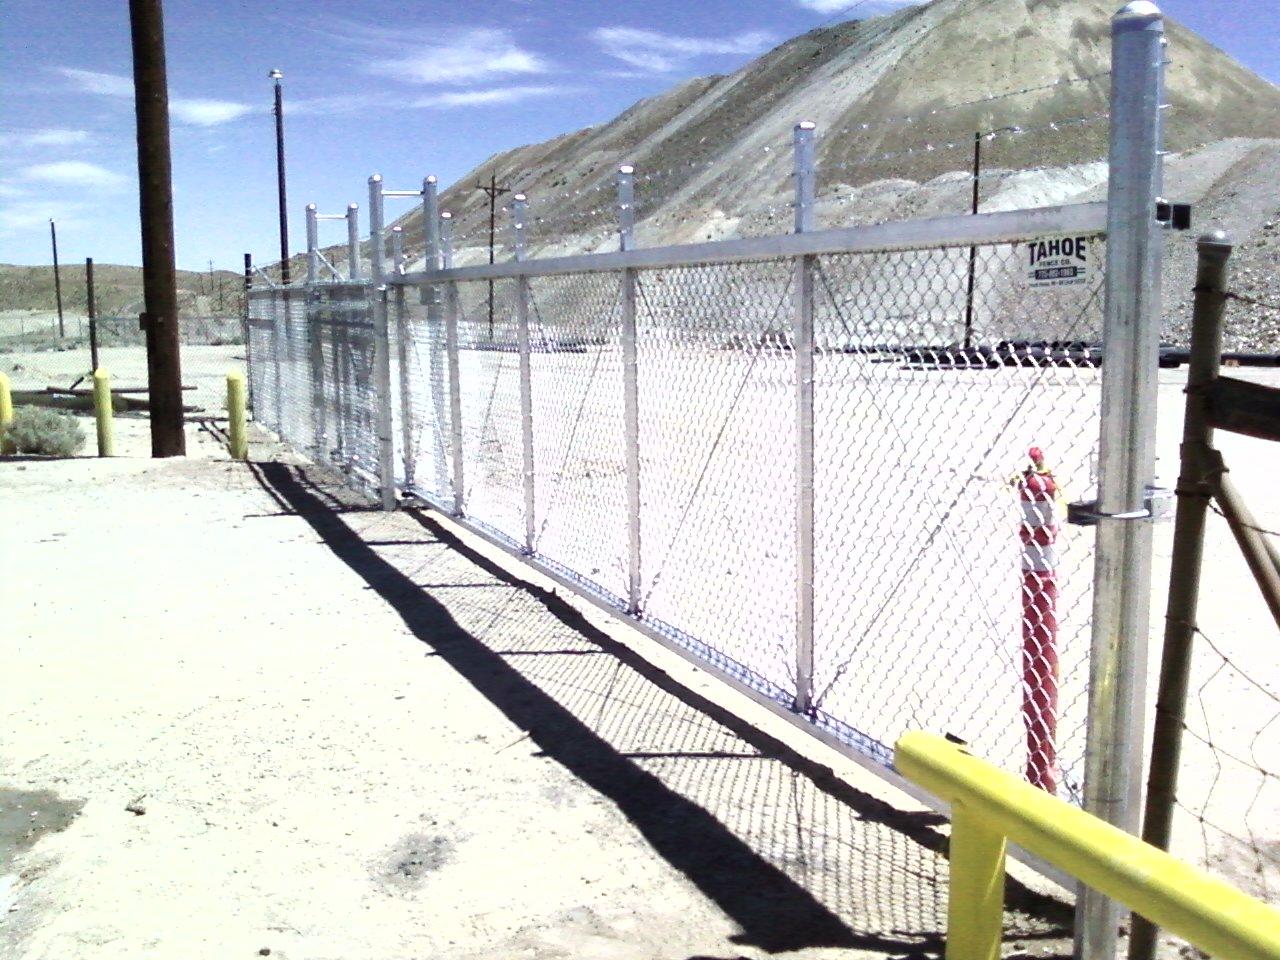 Gates – Tahoe Fence